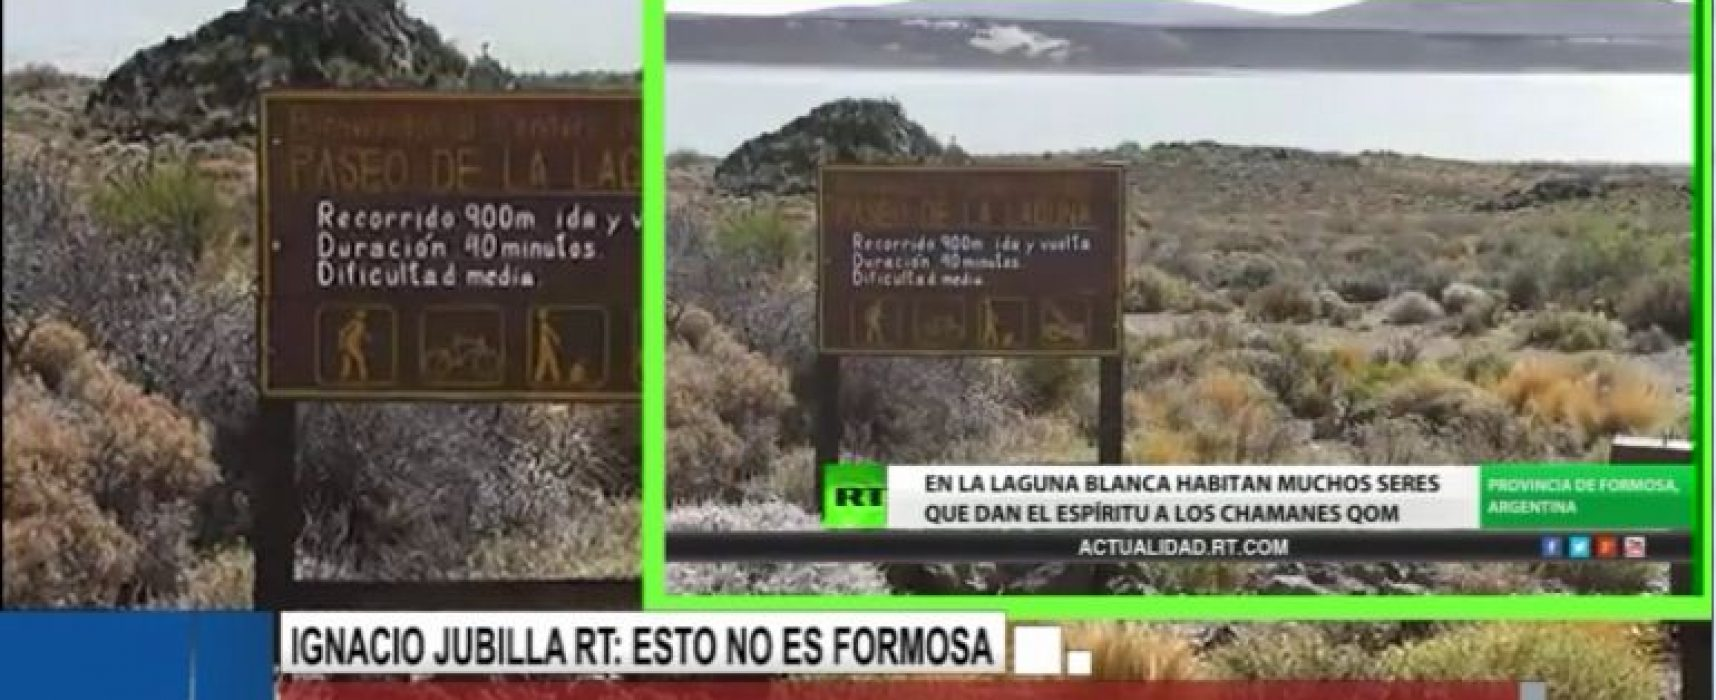 Un reportaje falso de RT sobre Argentina